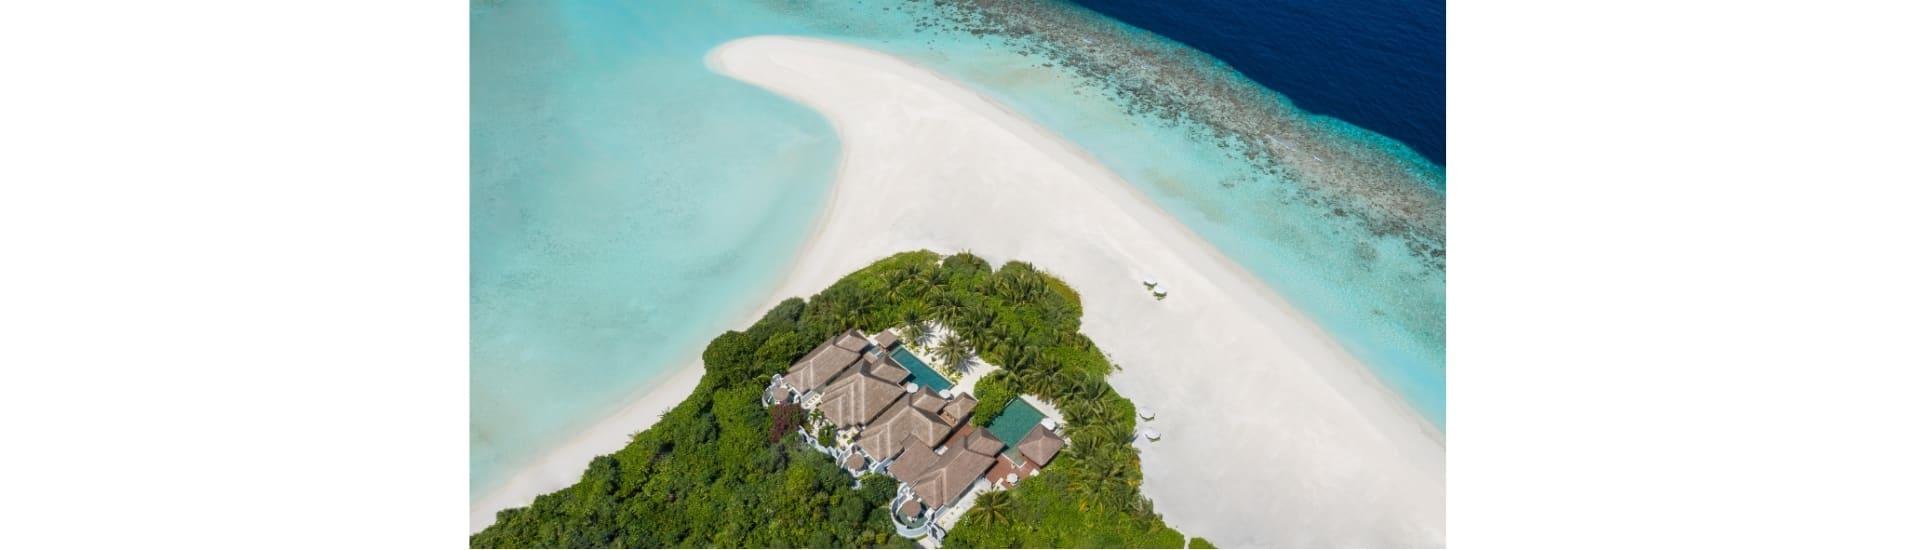 Anantara Kihavah Maldives Villas Three Bedroom Beach Villa